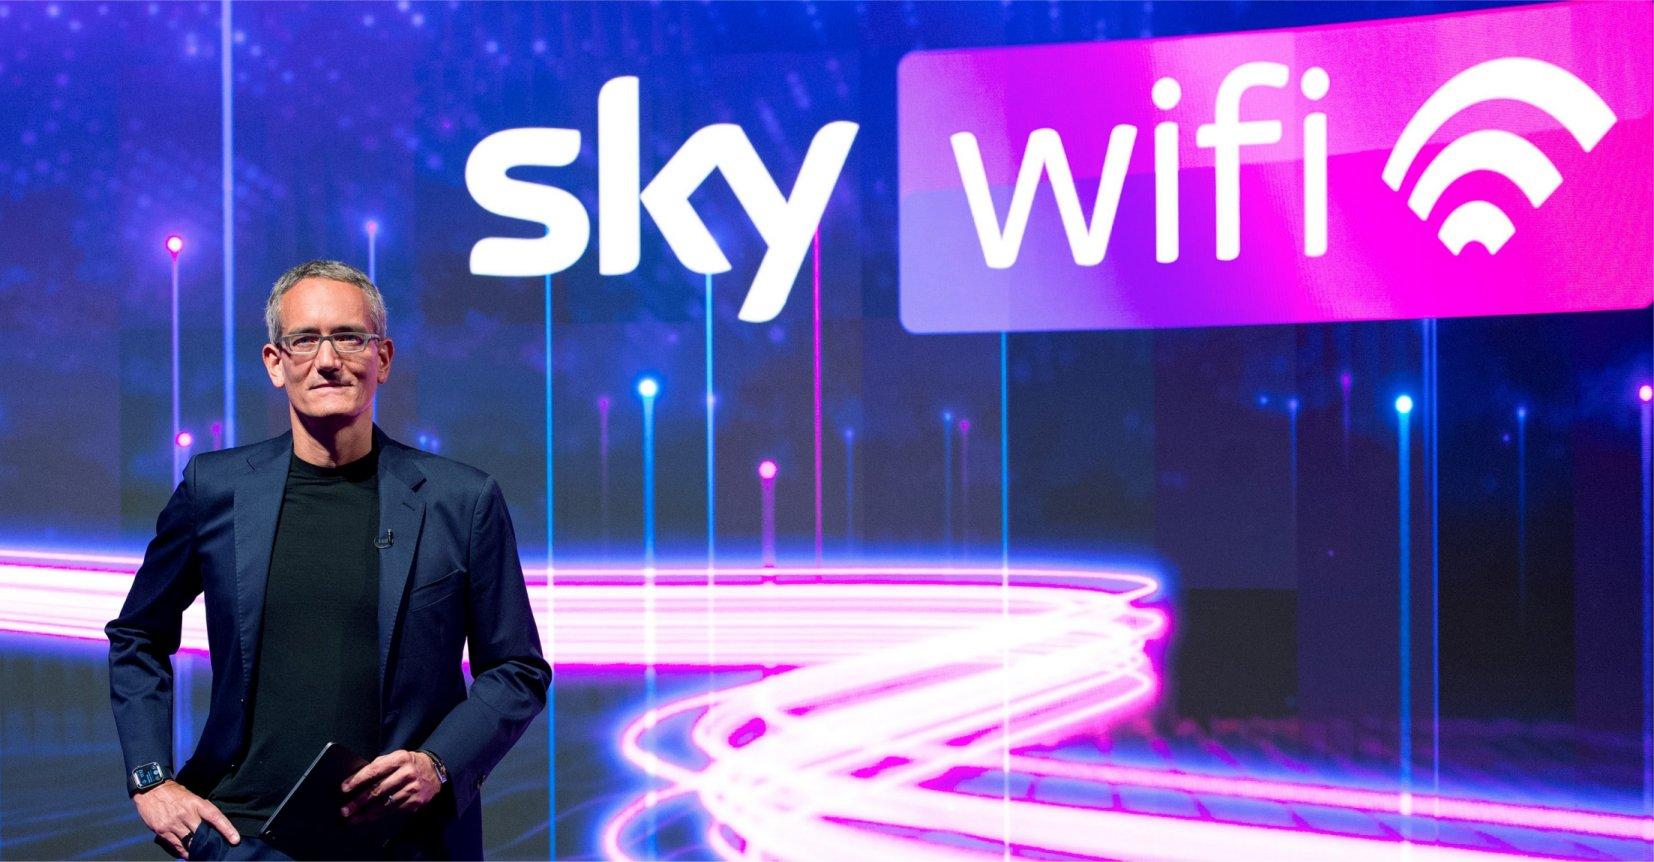 Nasce Sky WiFi, la fibra di Sky che cambia il mondo della connettività